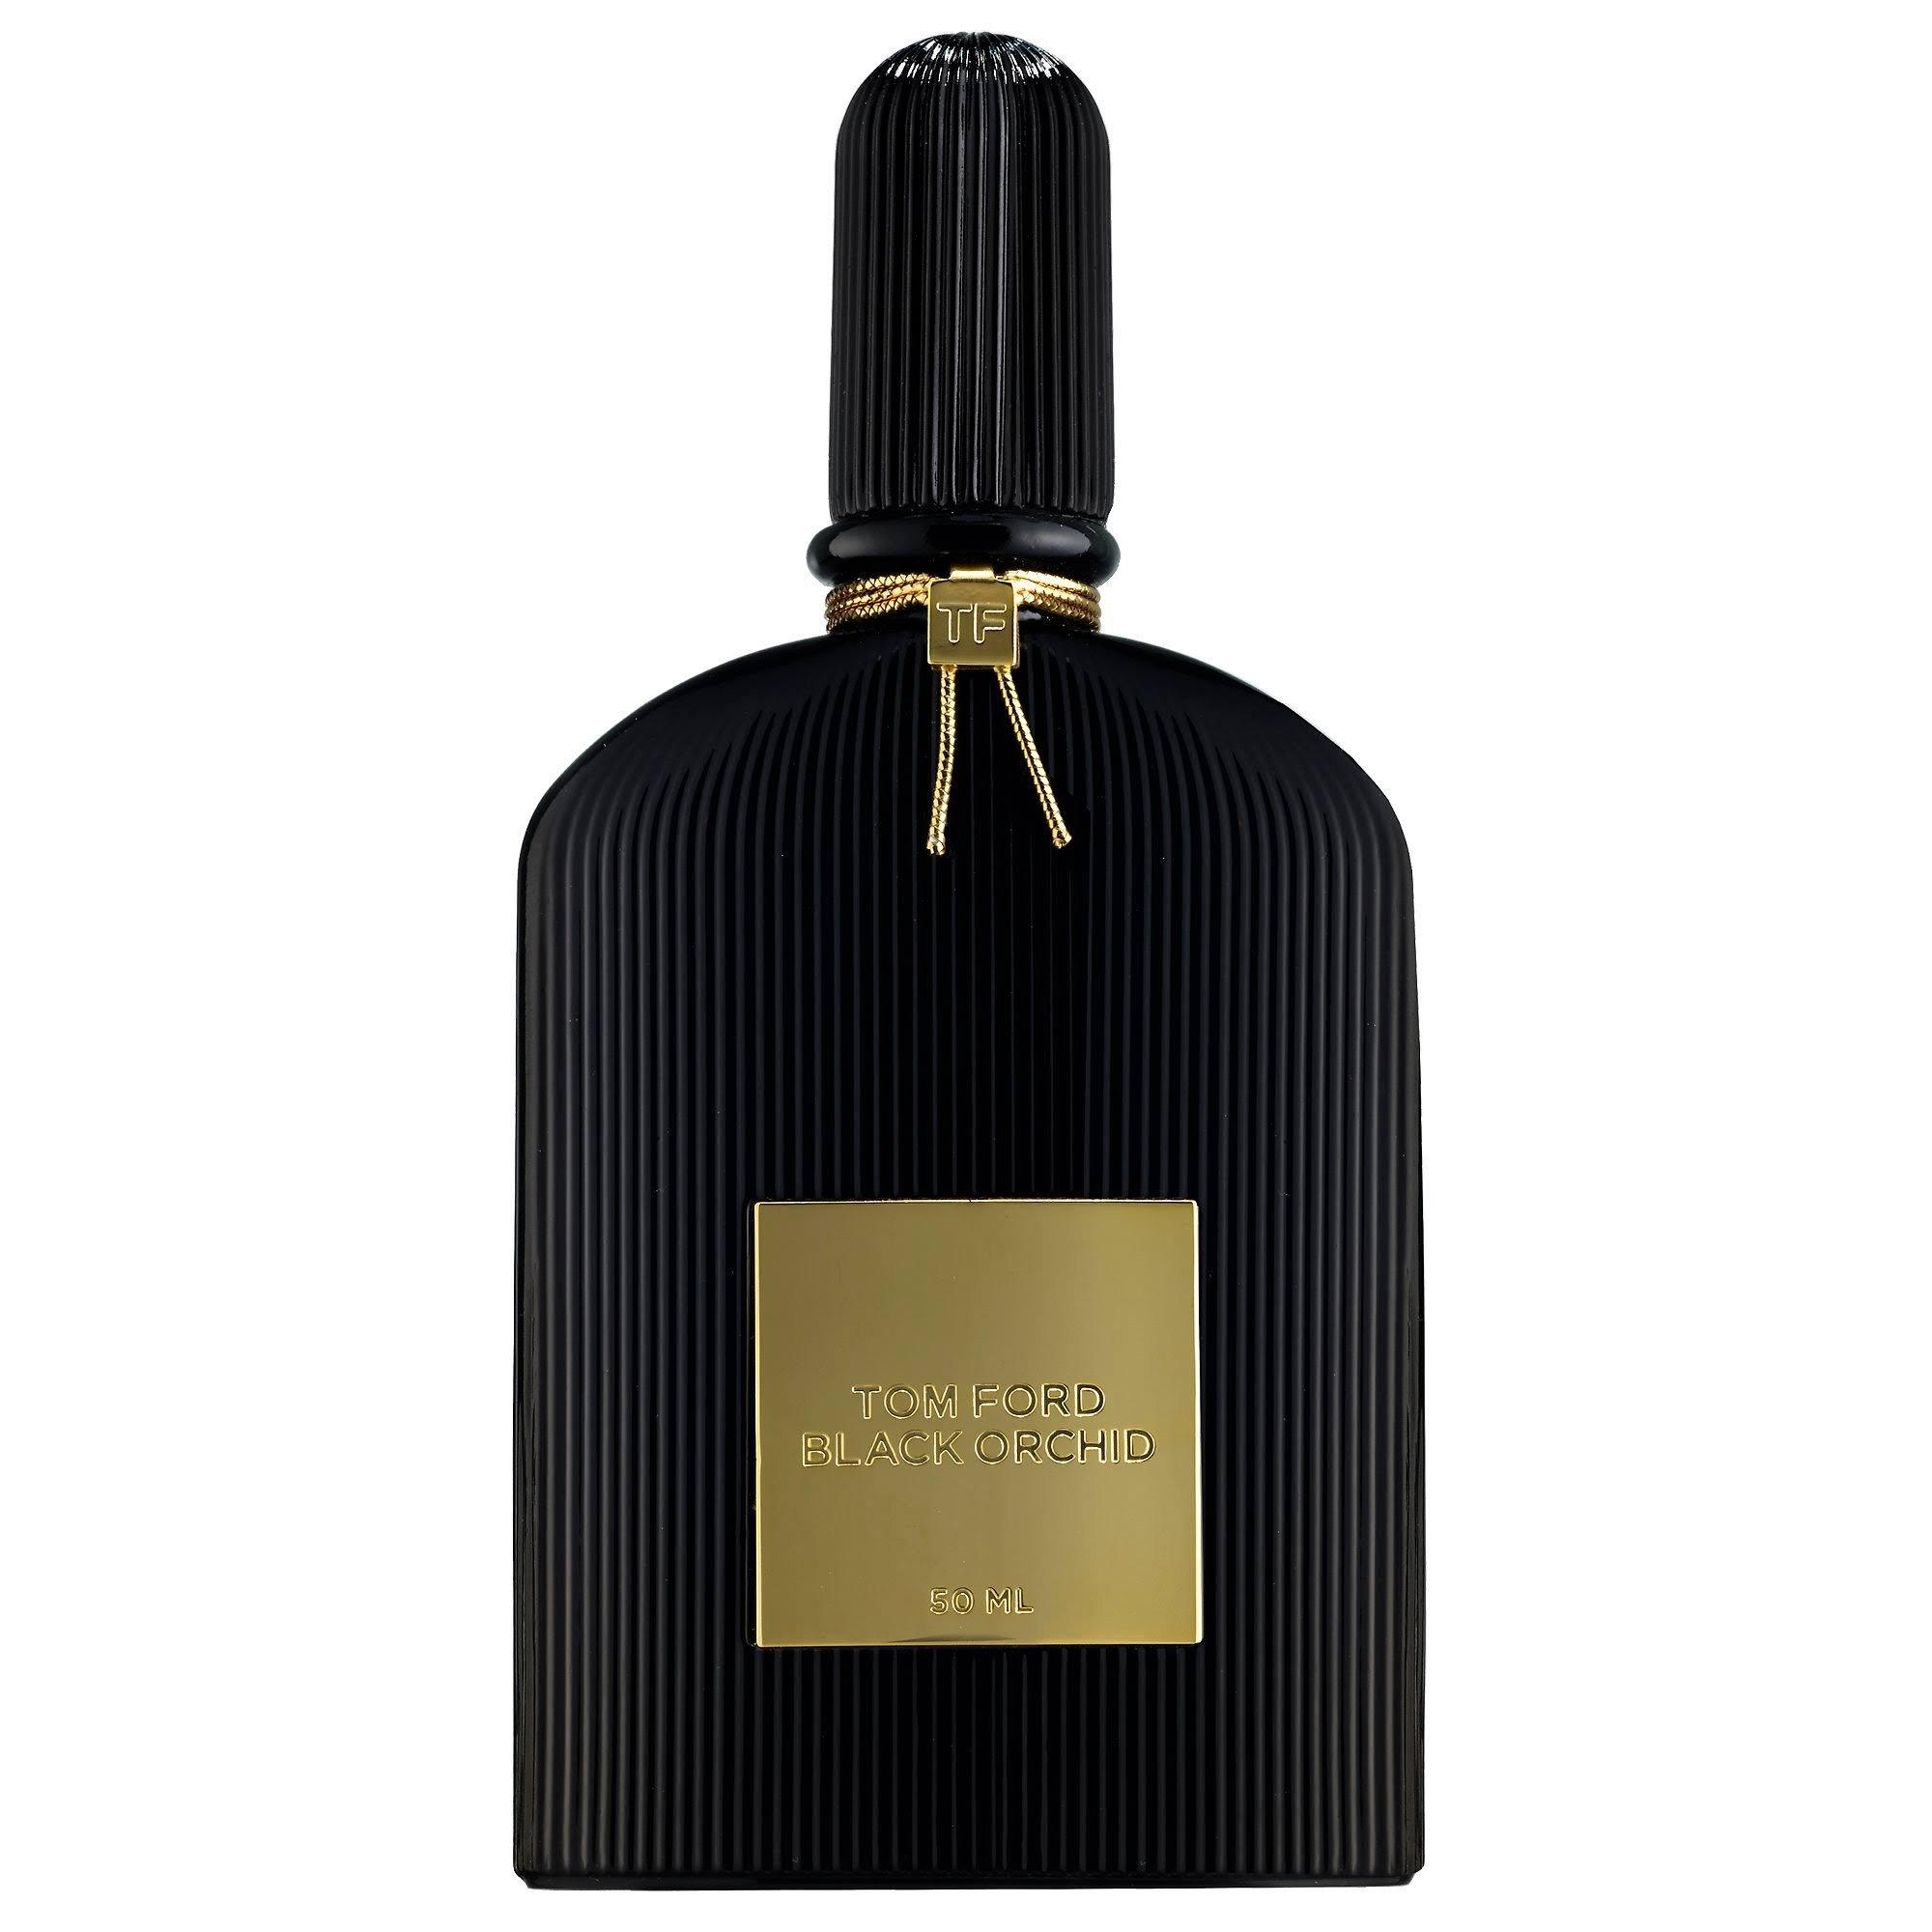 Black Orchid by Tom Ford Eau De Parfum For Women, 50 ml